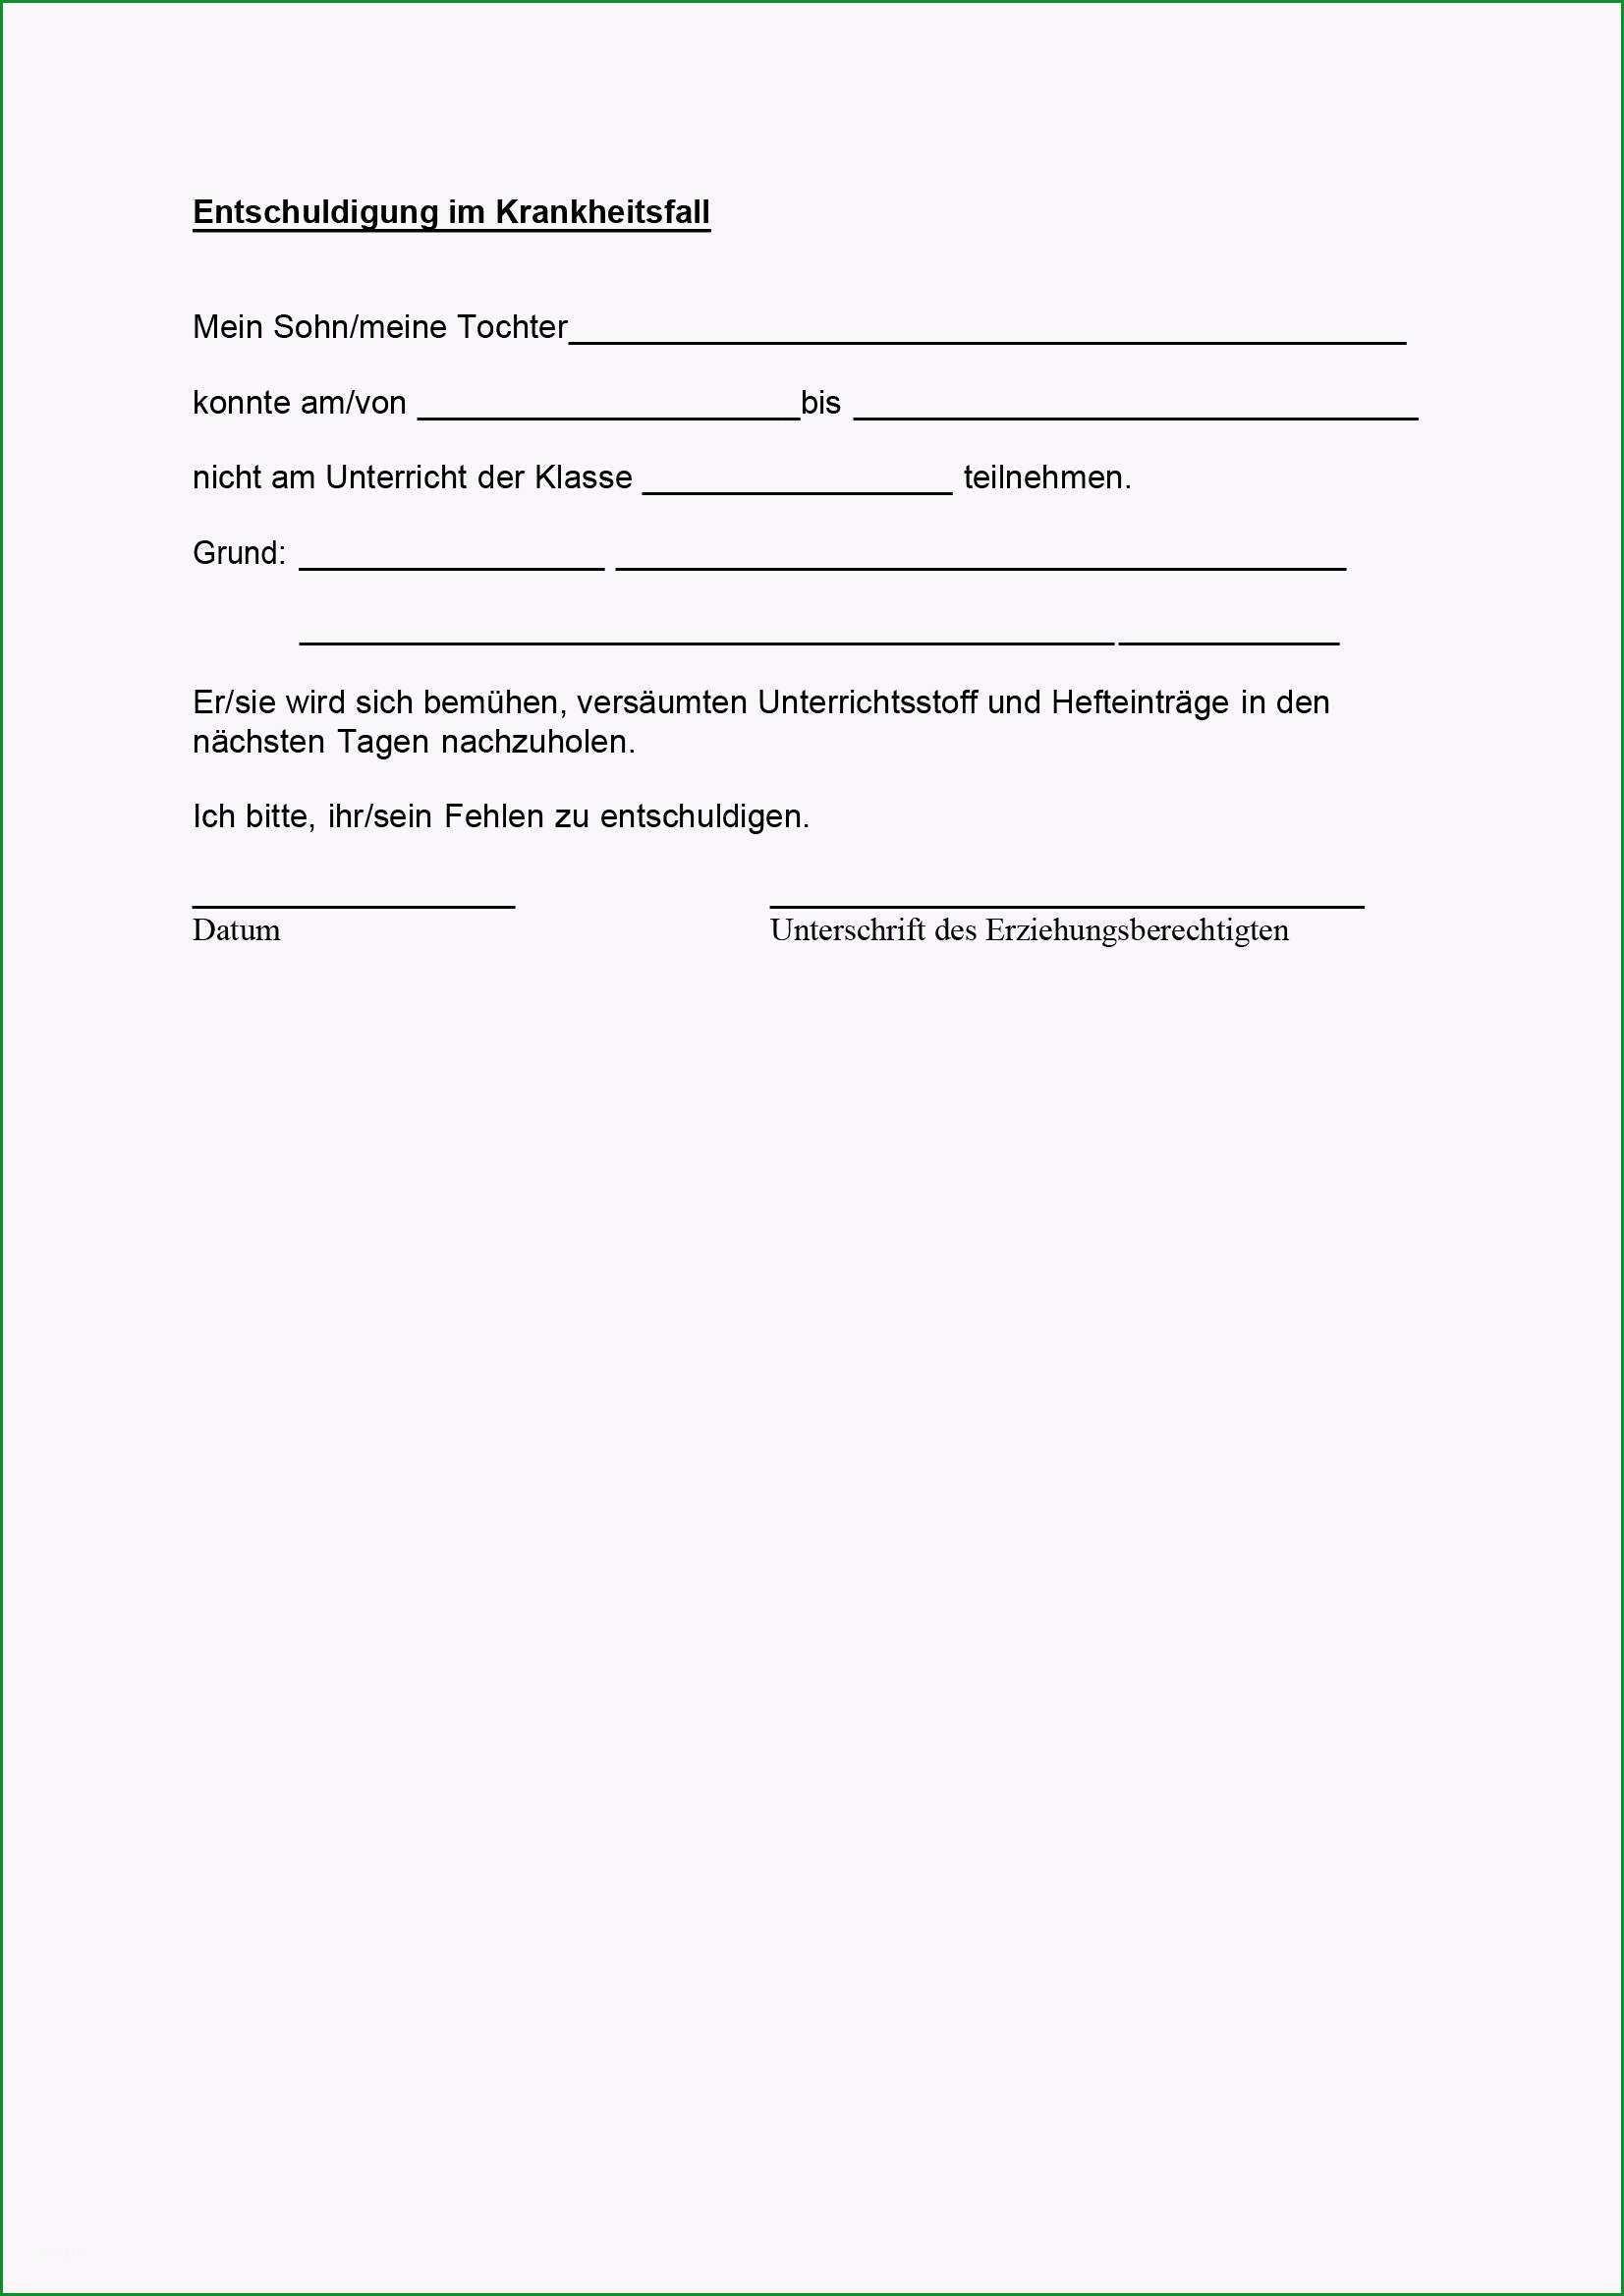 131 formularvordrucke entschuldigung und unterrichtsbefreiung